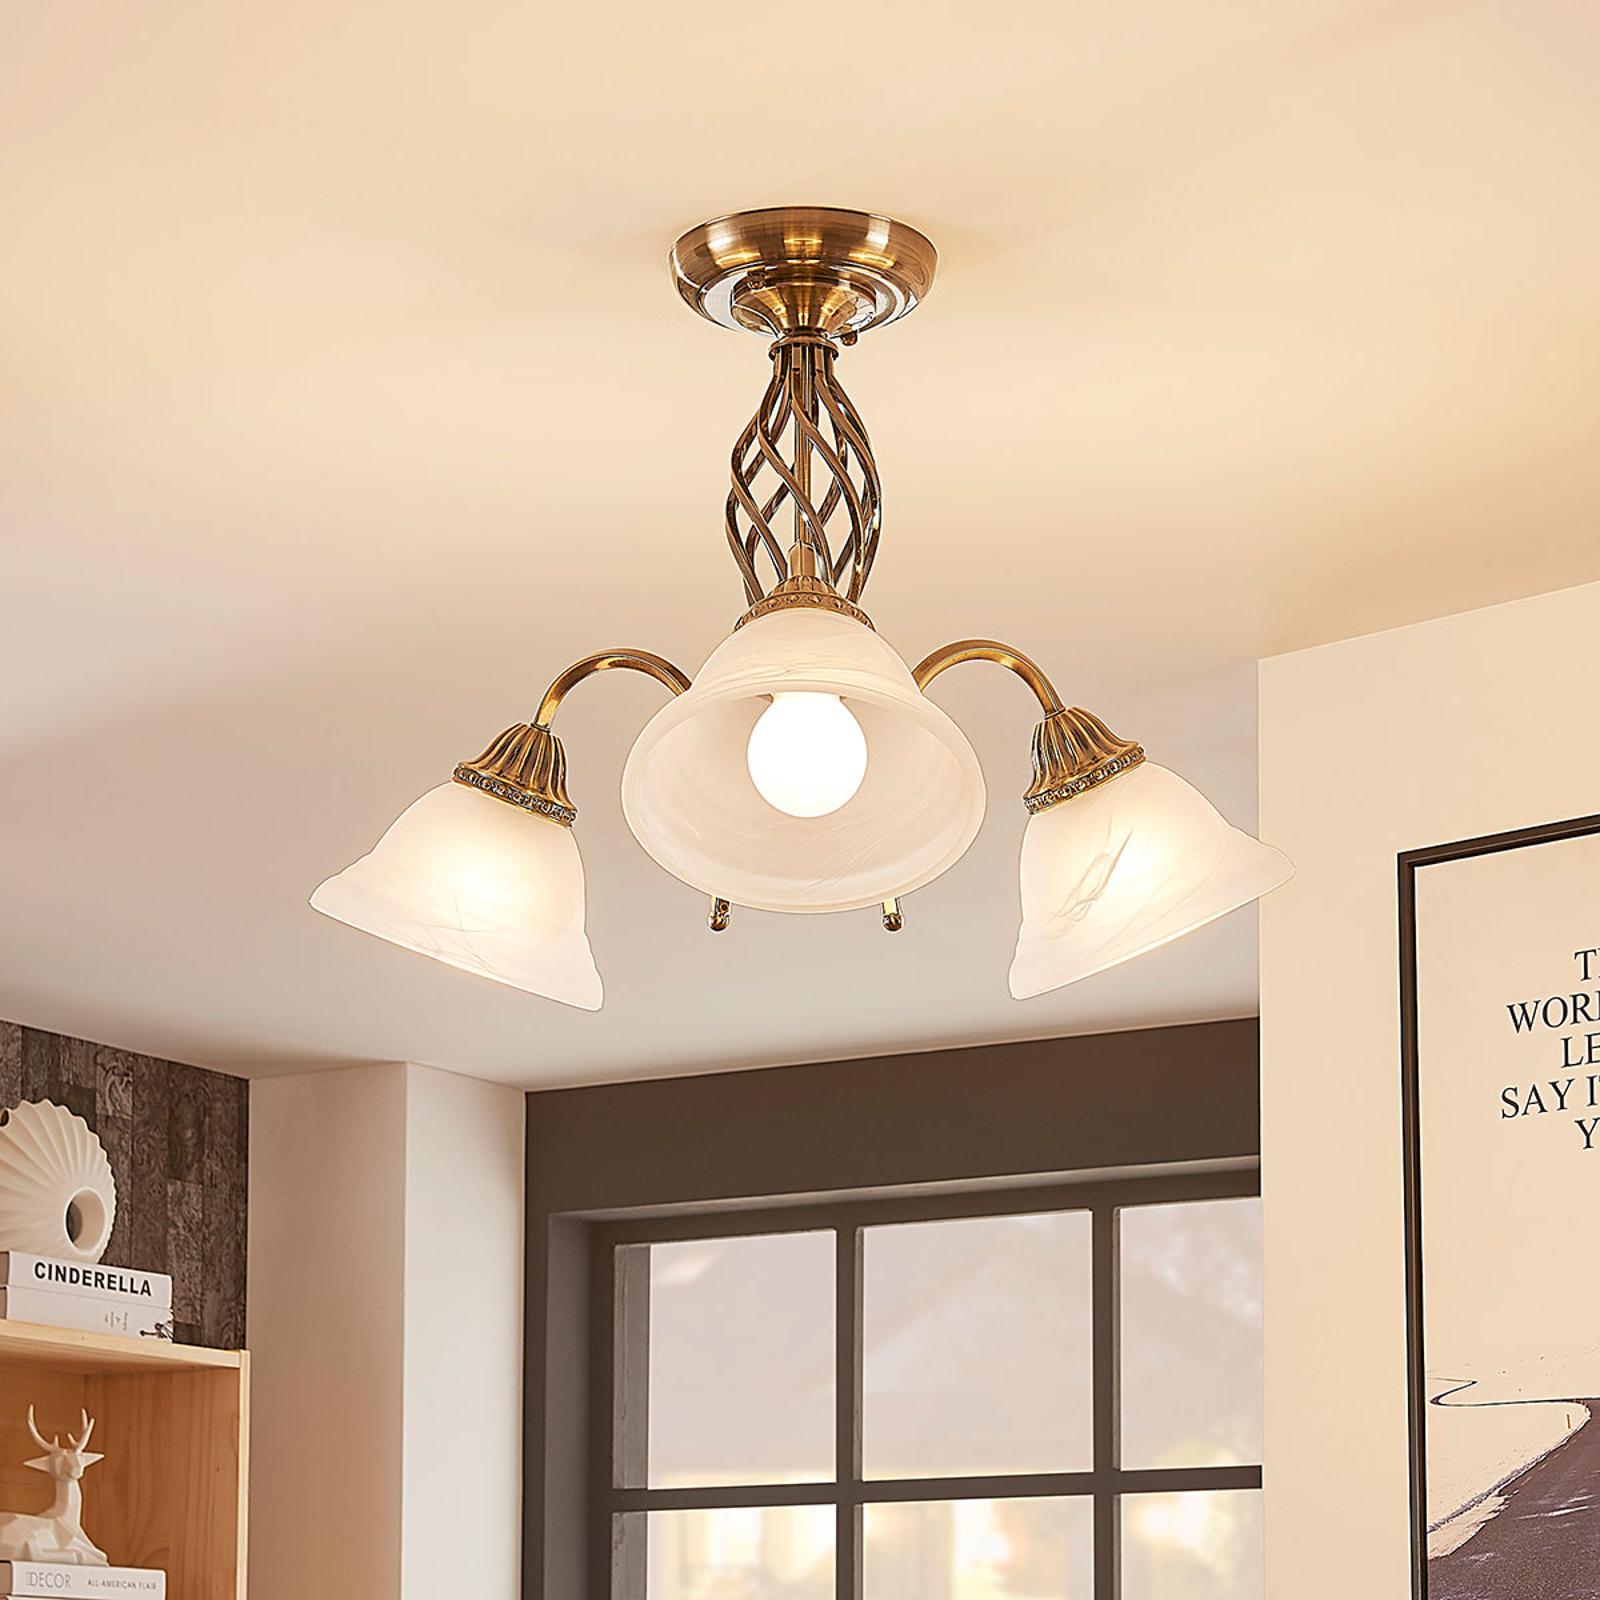 Plafonnier Mialina en laiton ancien à 3 lampes